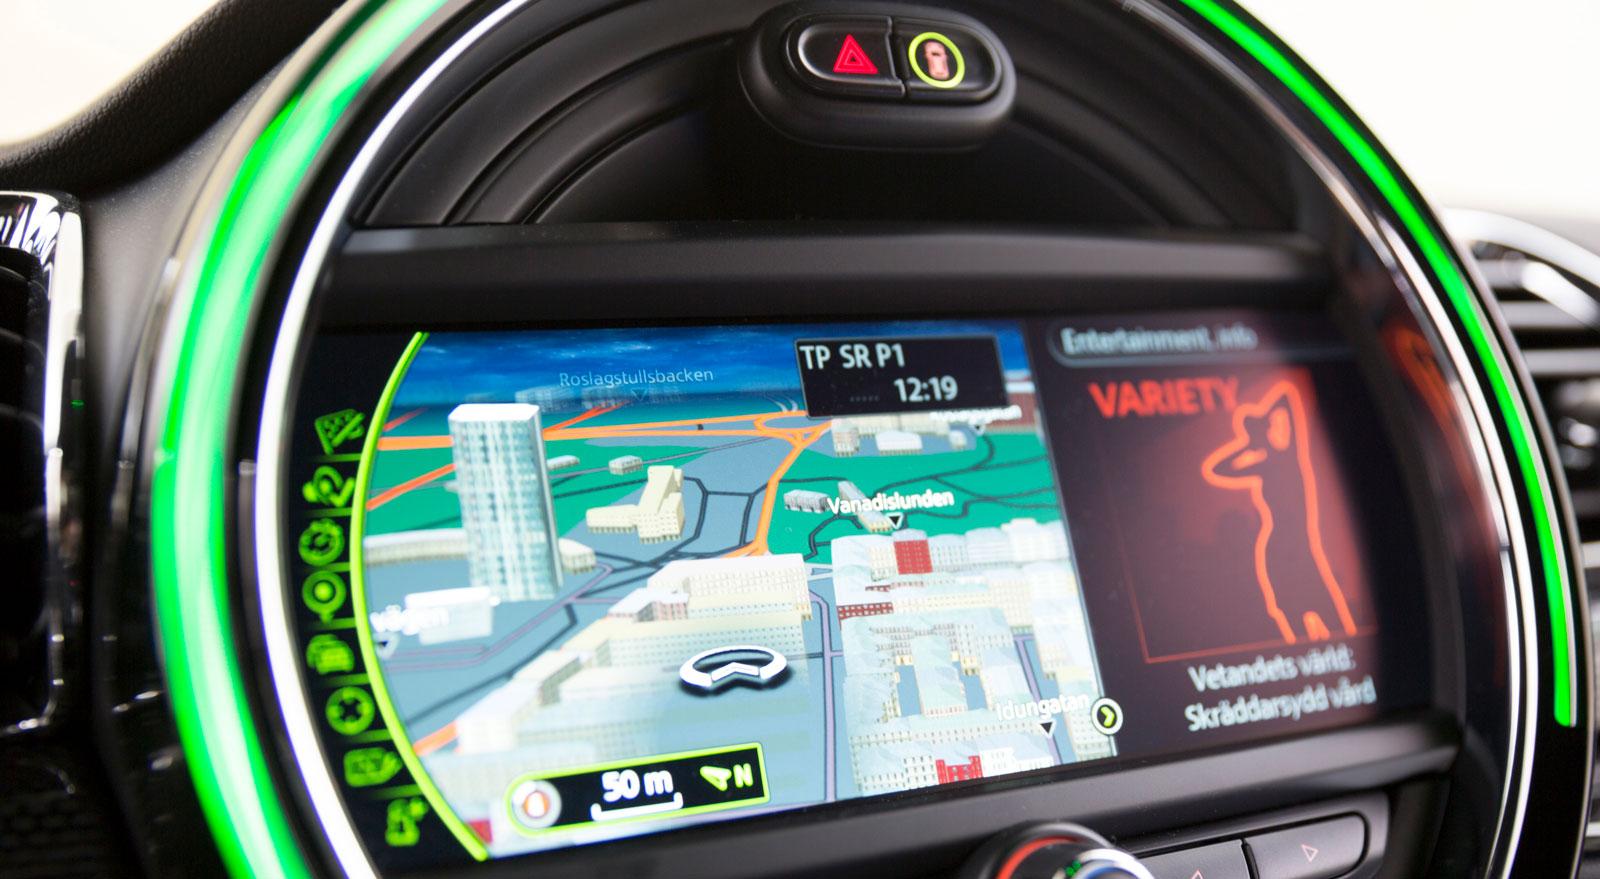 Testbilen var utrustad med Minis mest avancerade system. Grundfunktionerna känns igen från BMW och såväl grafik som användarvänlighet får höga betyg.